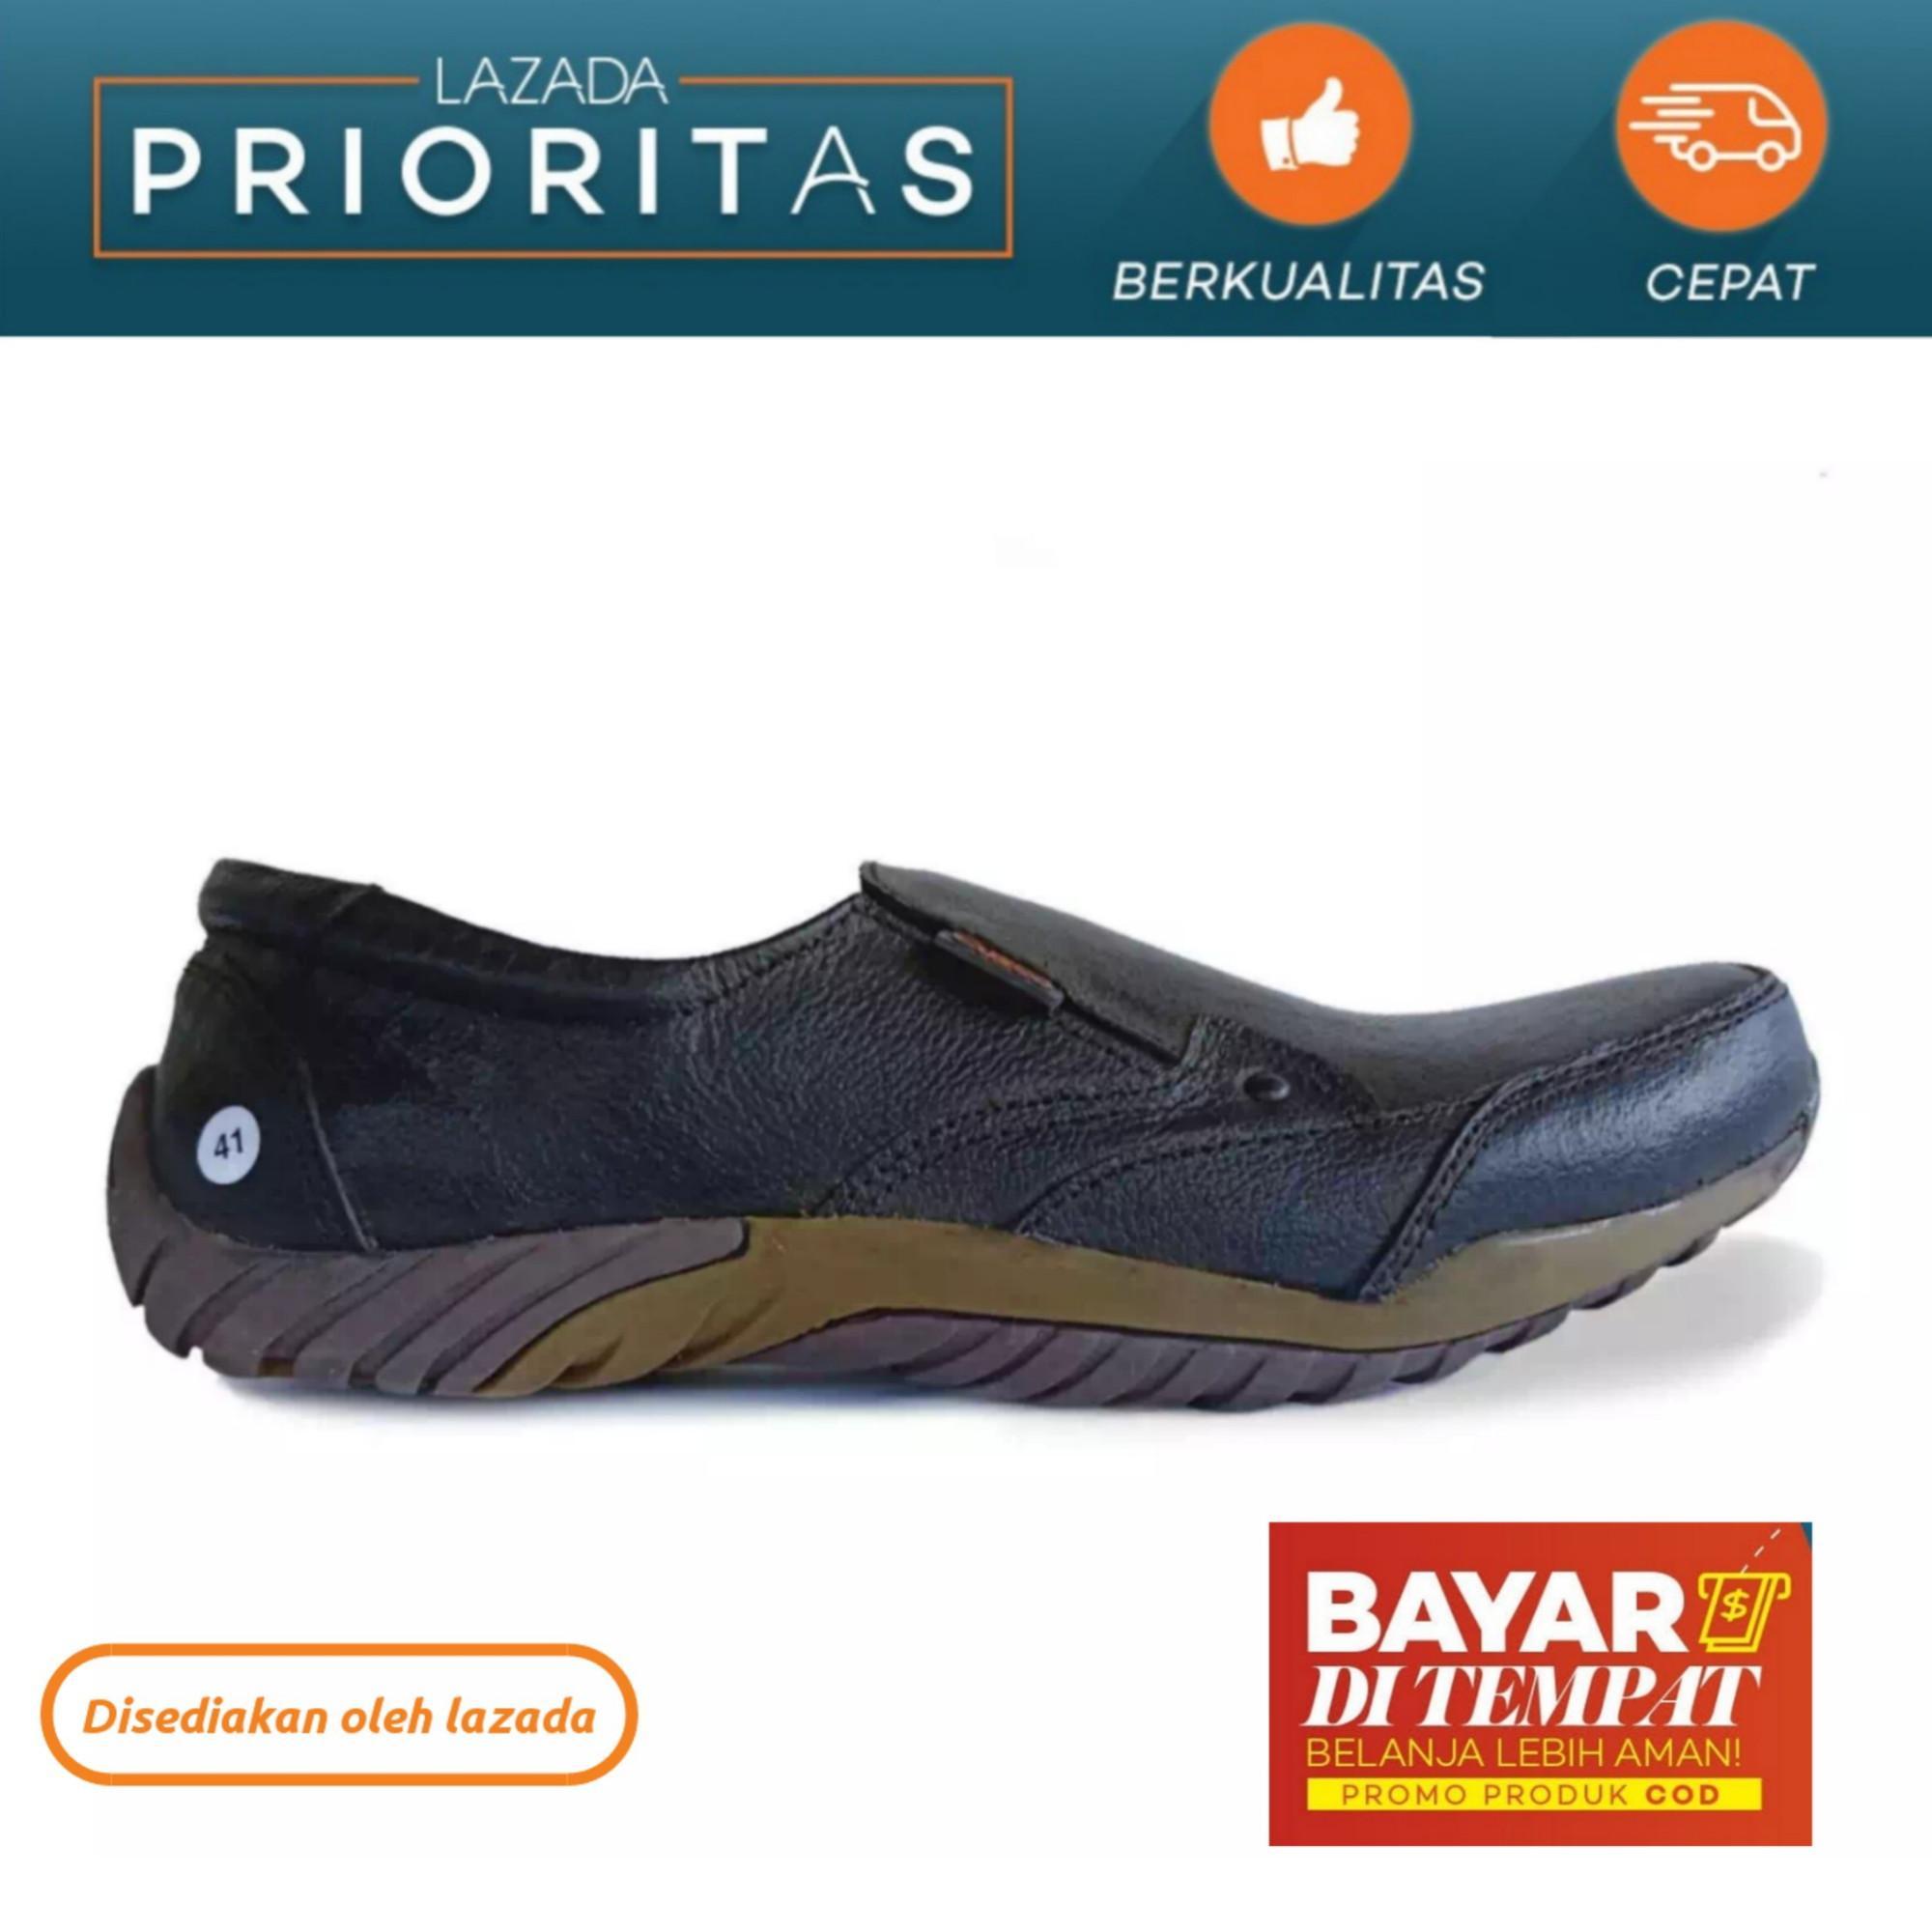 Sepatu Kulit Asli / Sepatu Slip on Kulit asli / Sepatu Casual Pria / Sepatu Pria Kulit / Sepatu Kul